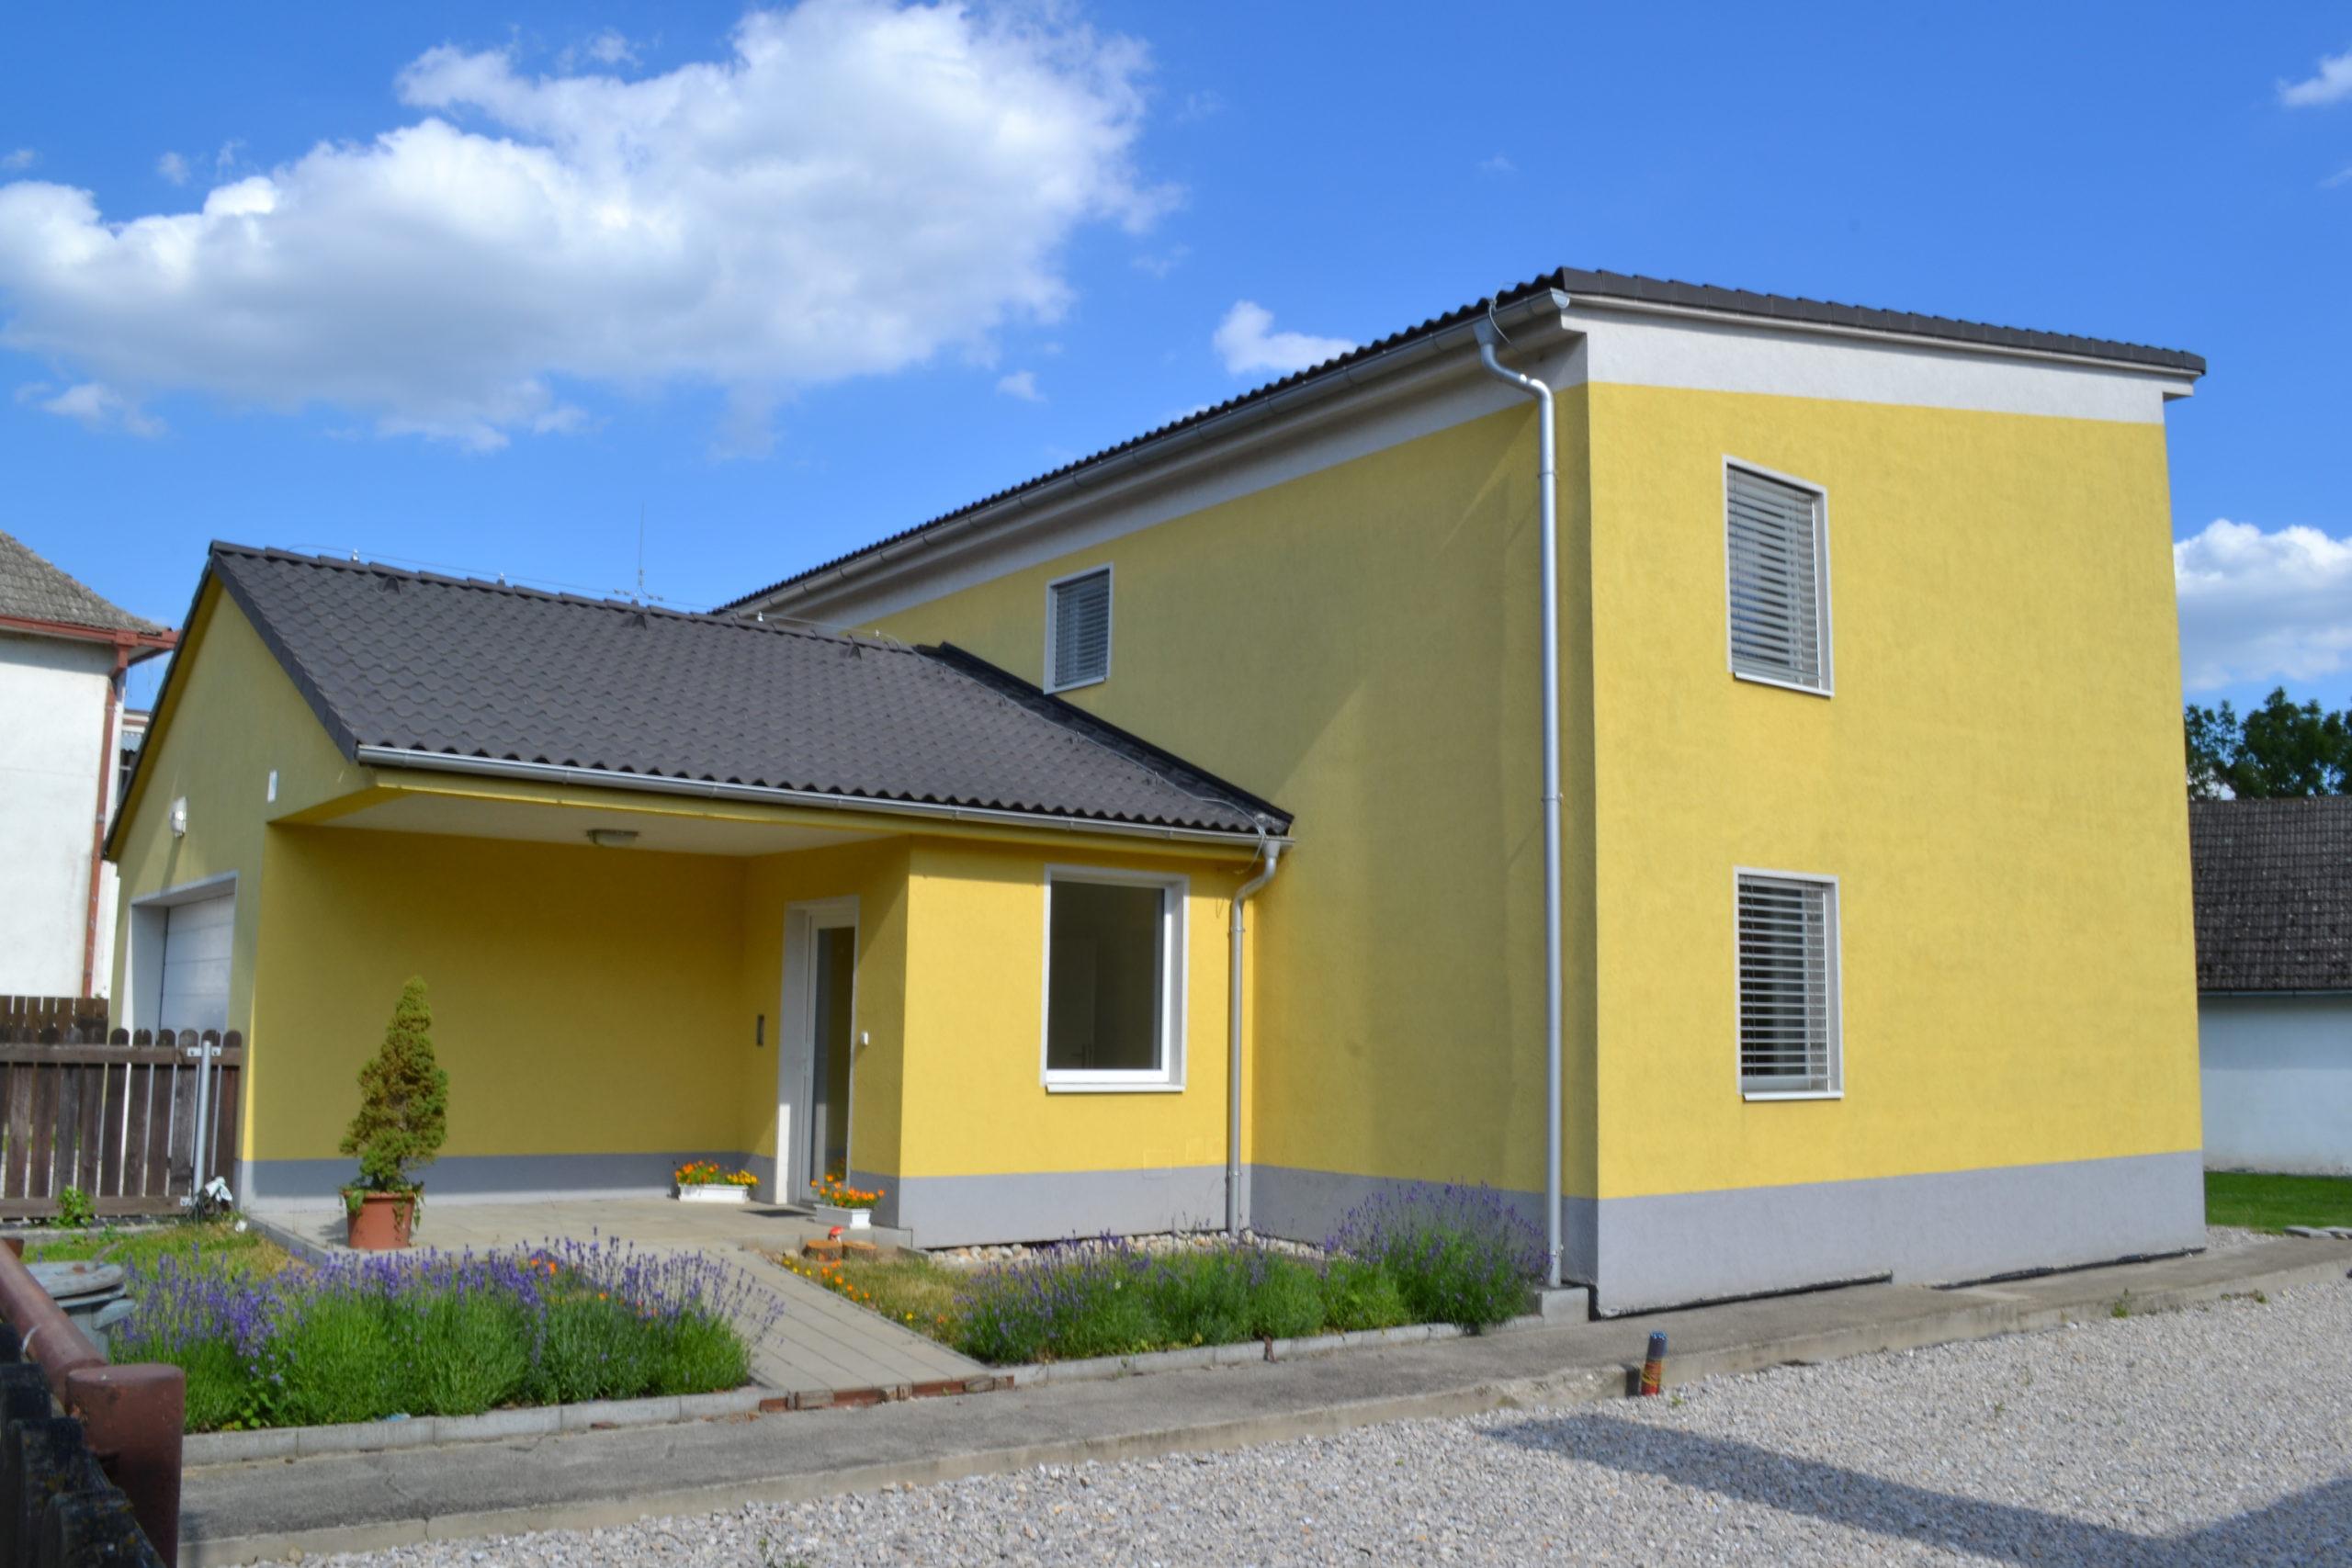 rodinný dom s takmer nulovou potrebou energie